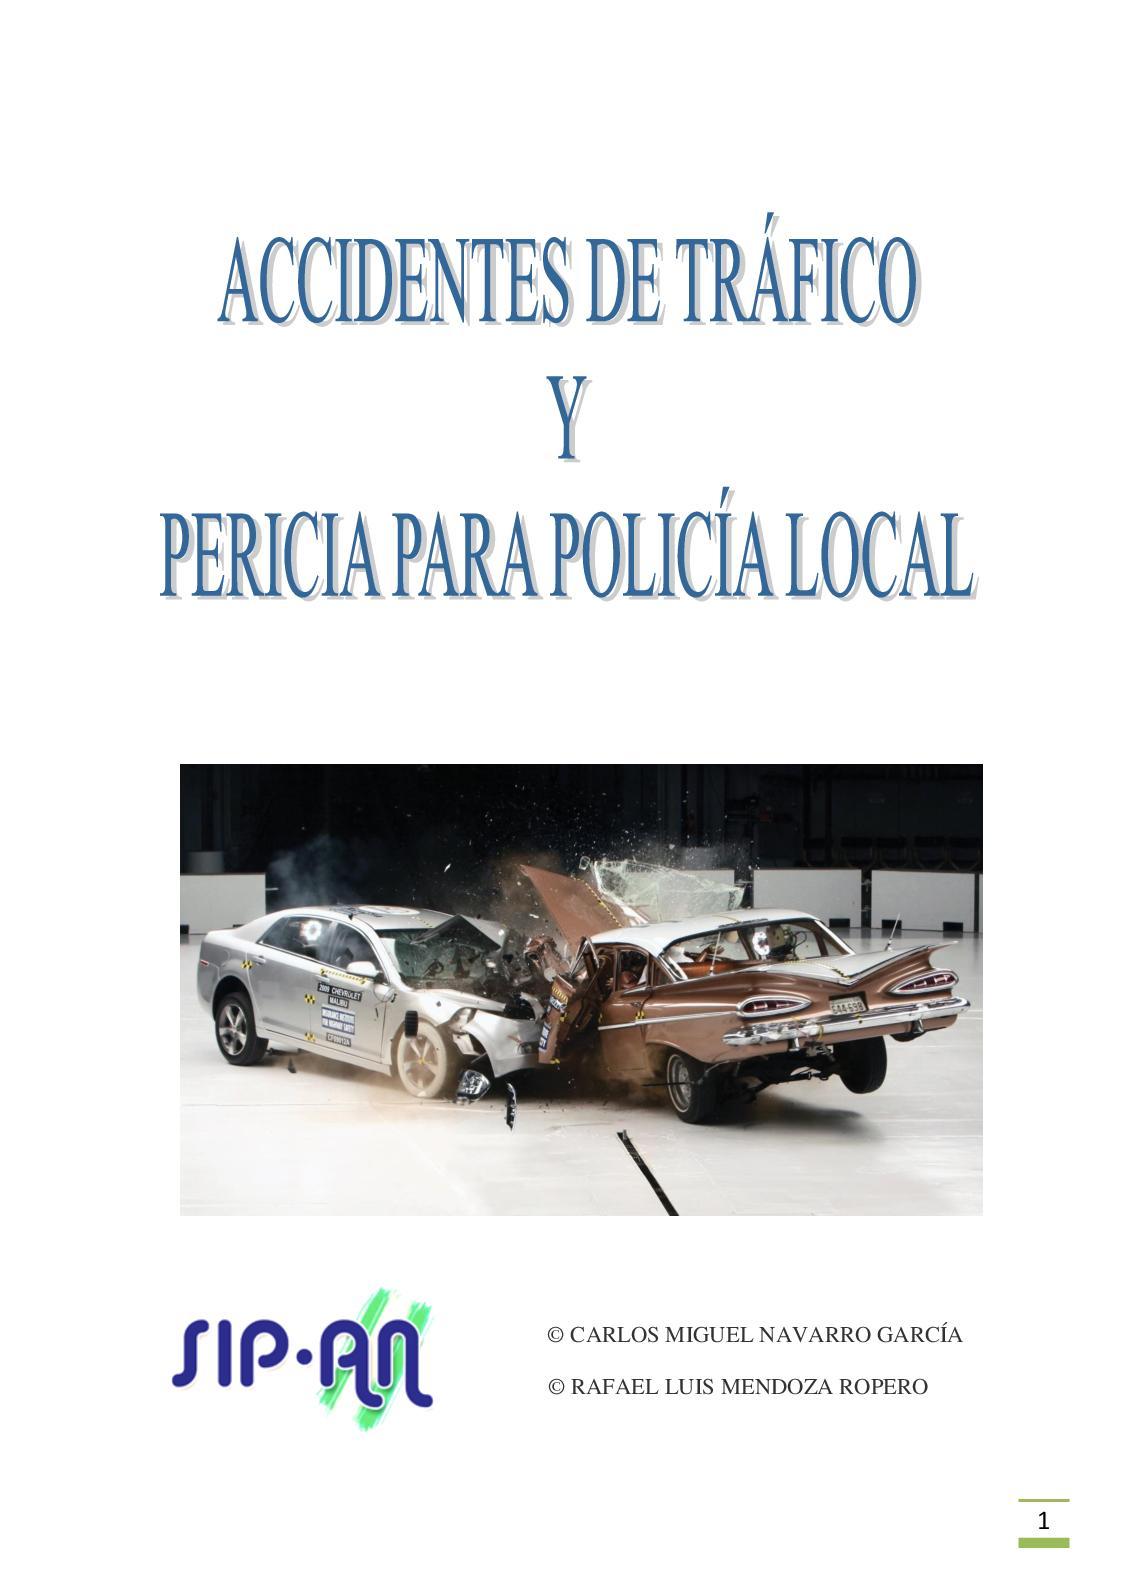 371 Accidentes De Trafico Y Pericia